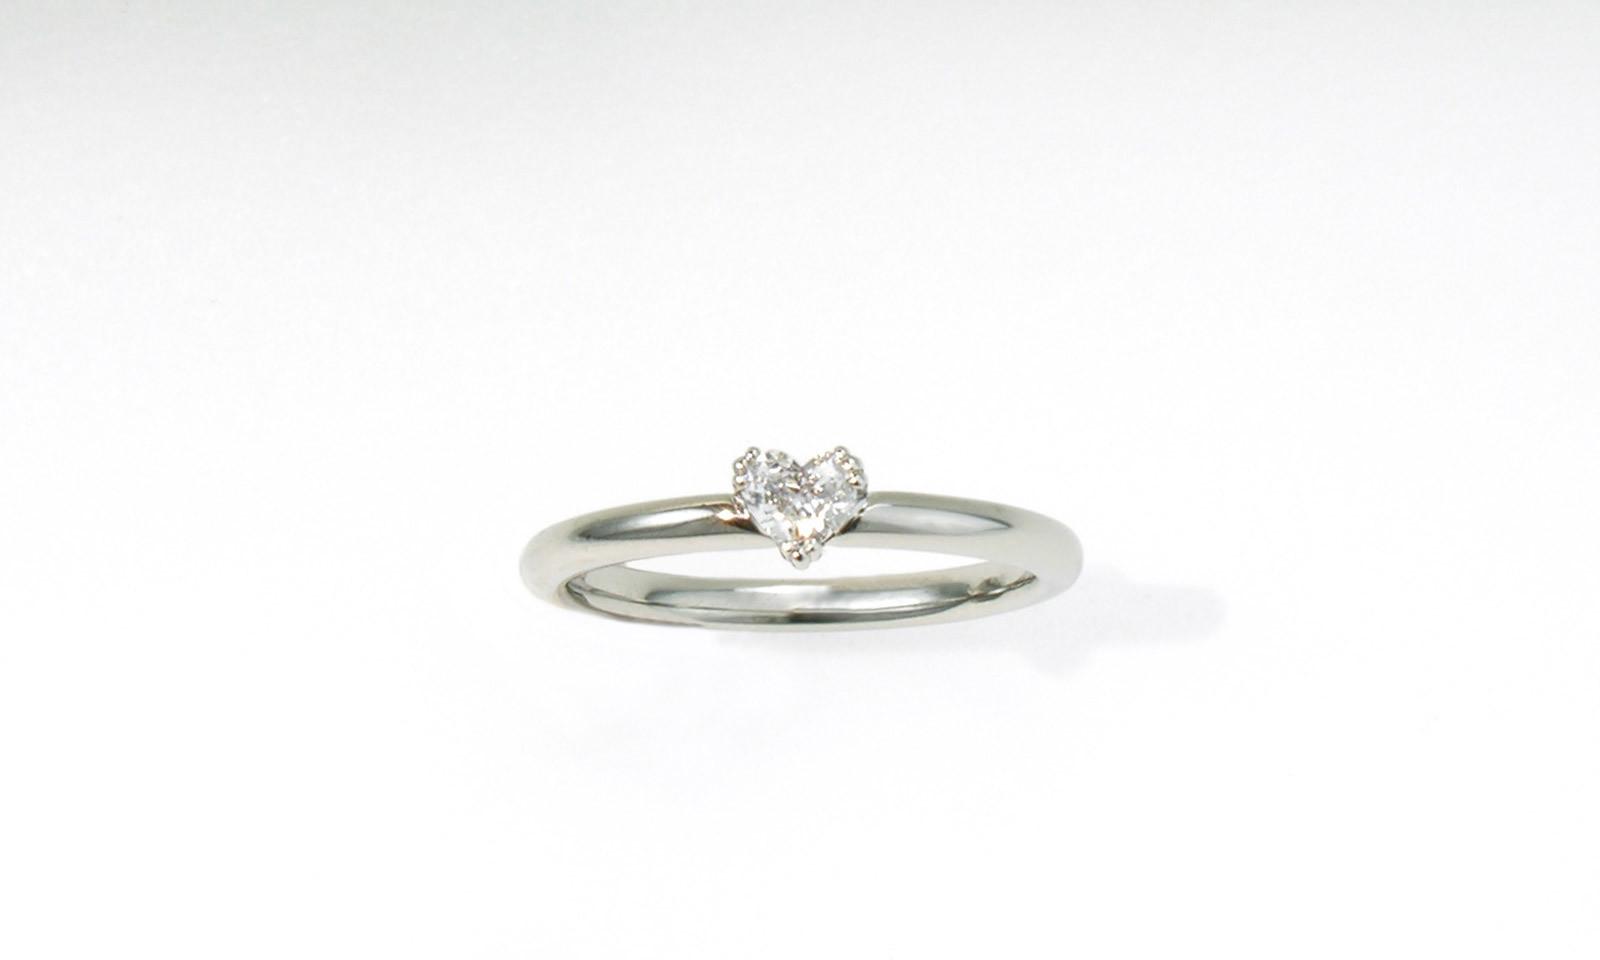 Solitaer Herz Diamant. Ring mit Diamant TW vs 0.16 ct. in Herzform, Weissgold 750, CHF 2950.-